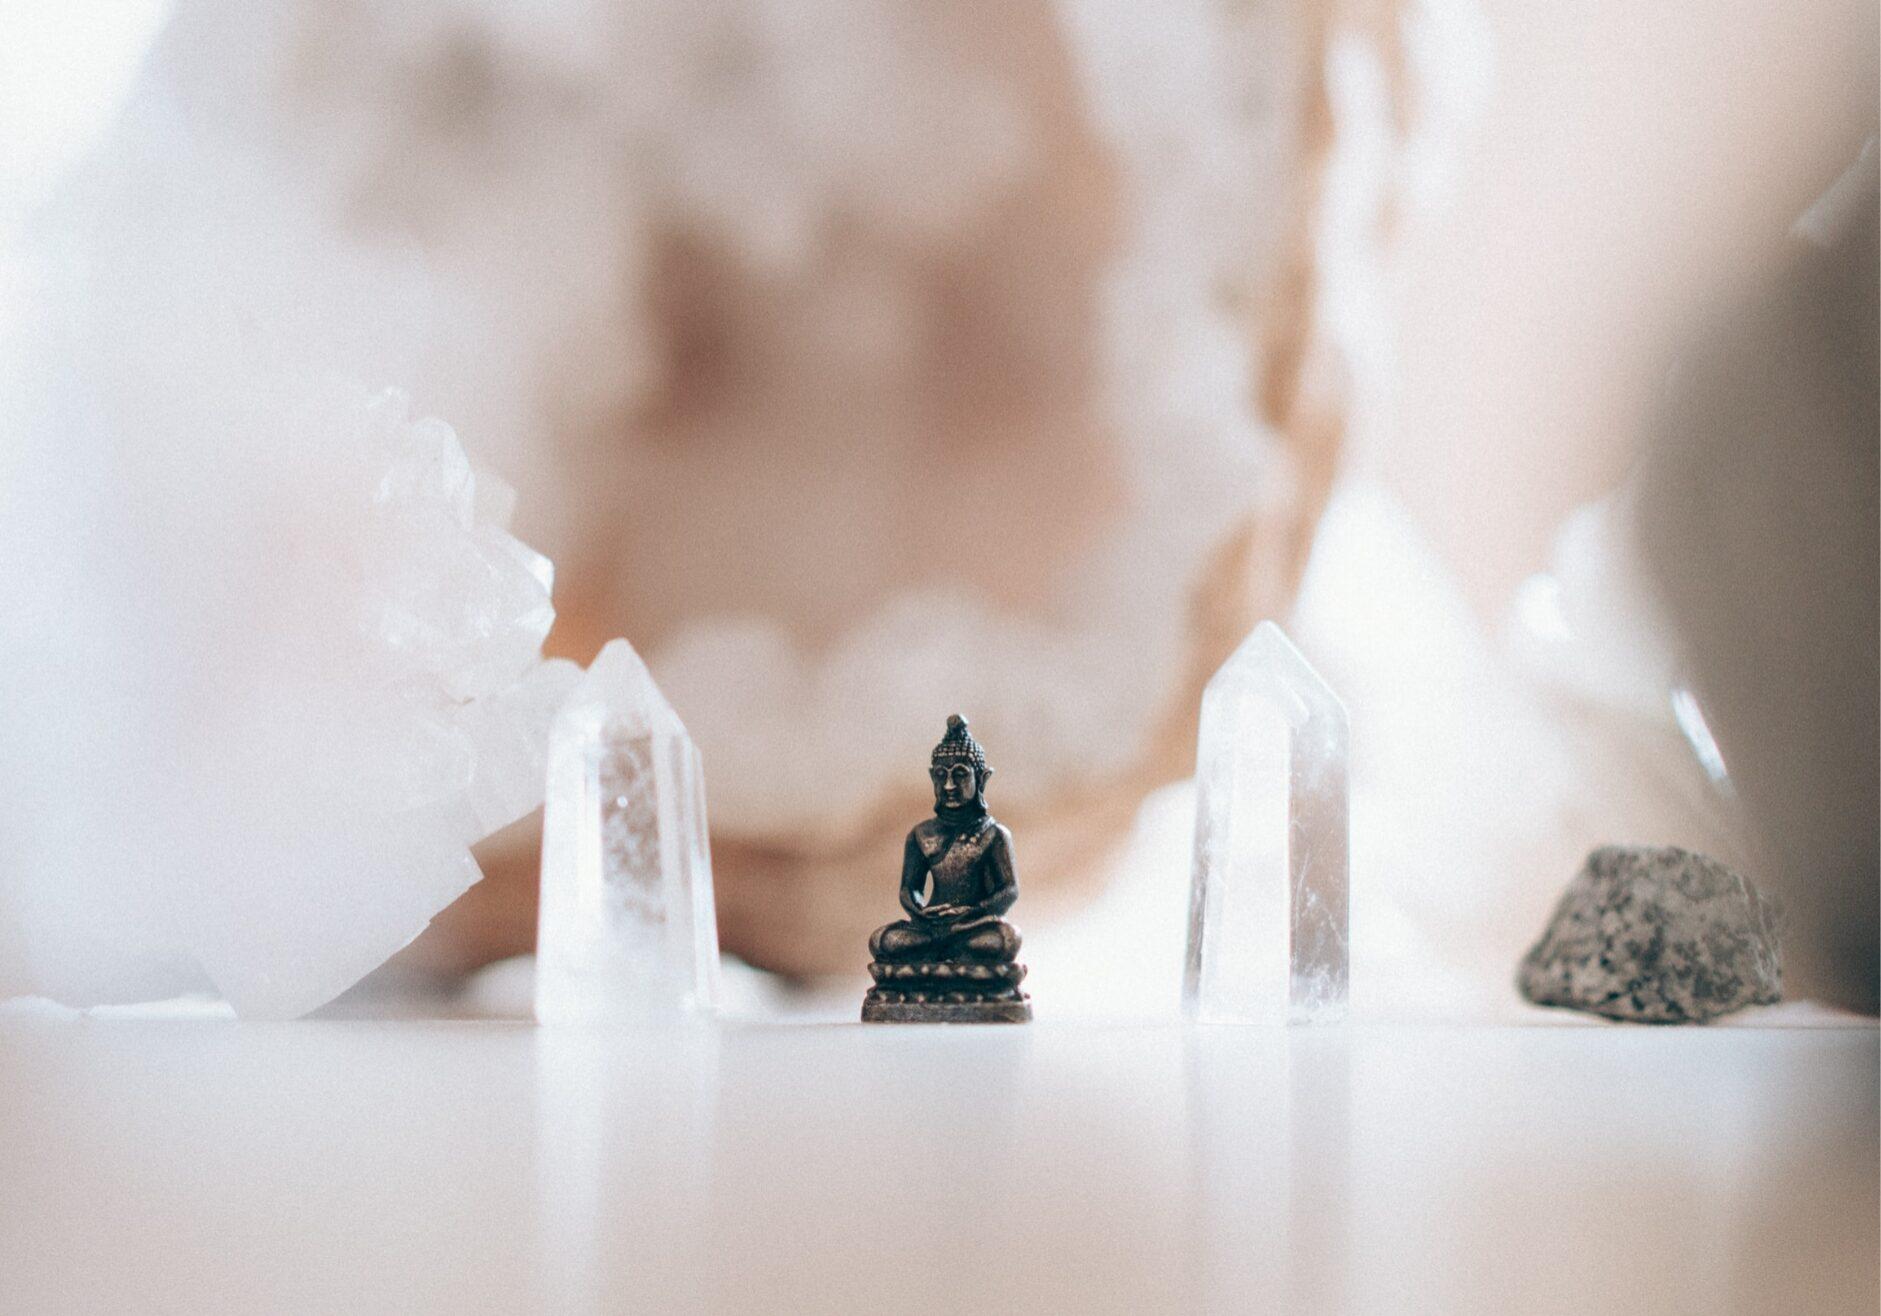 Kristallen met Buddha beeld